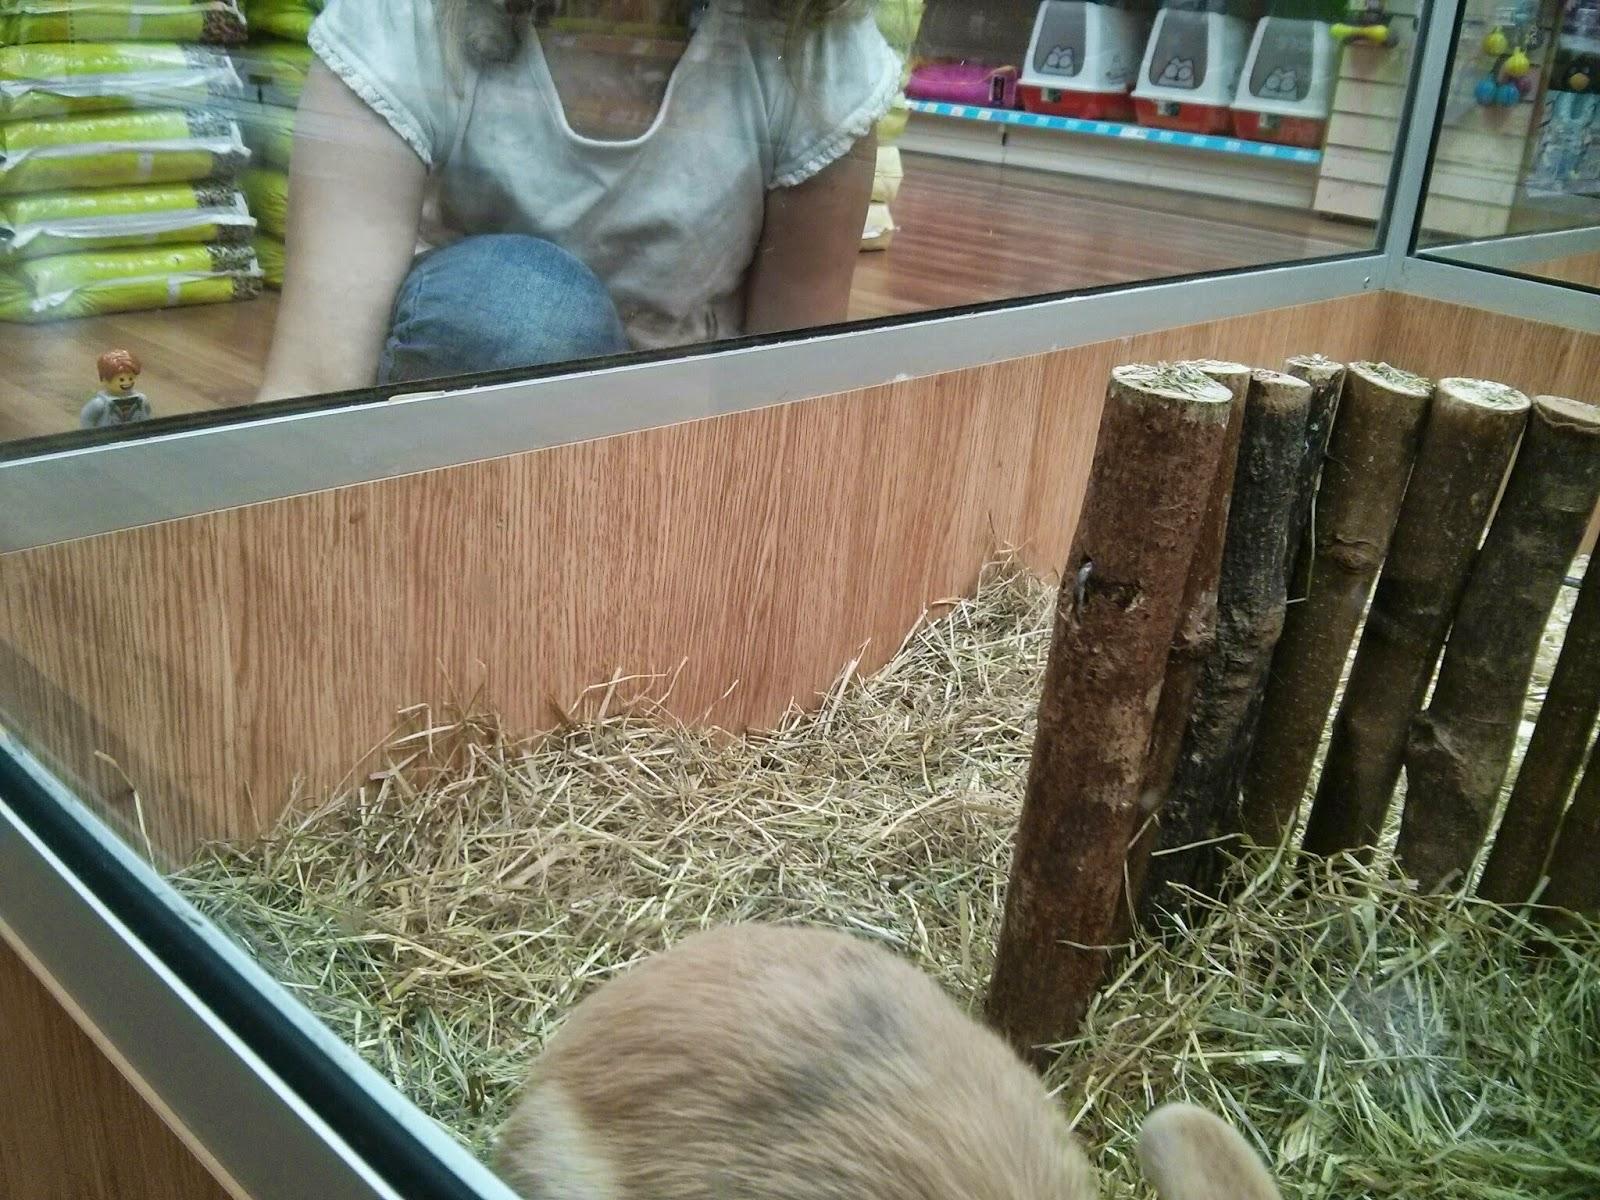 Kyle Emmett looking at Rabbits